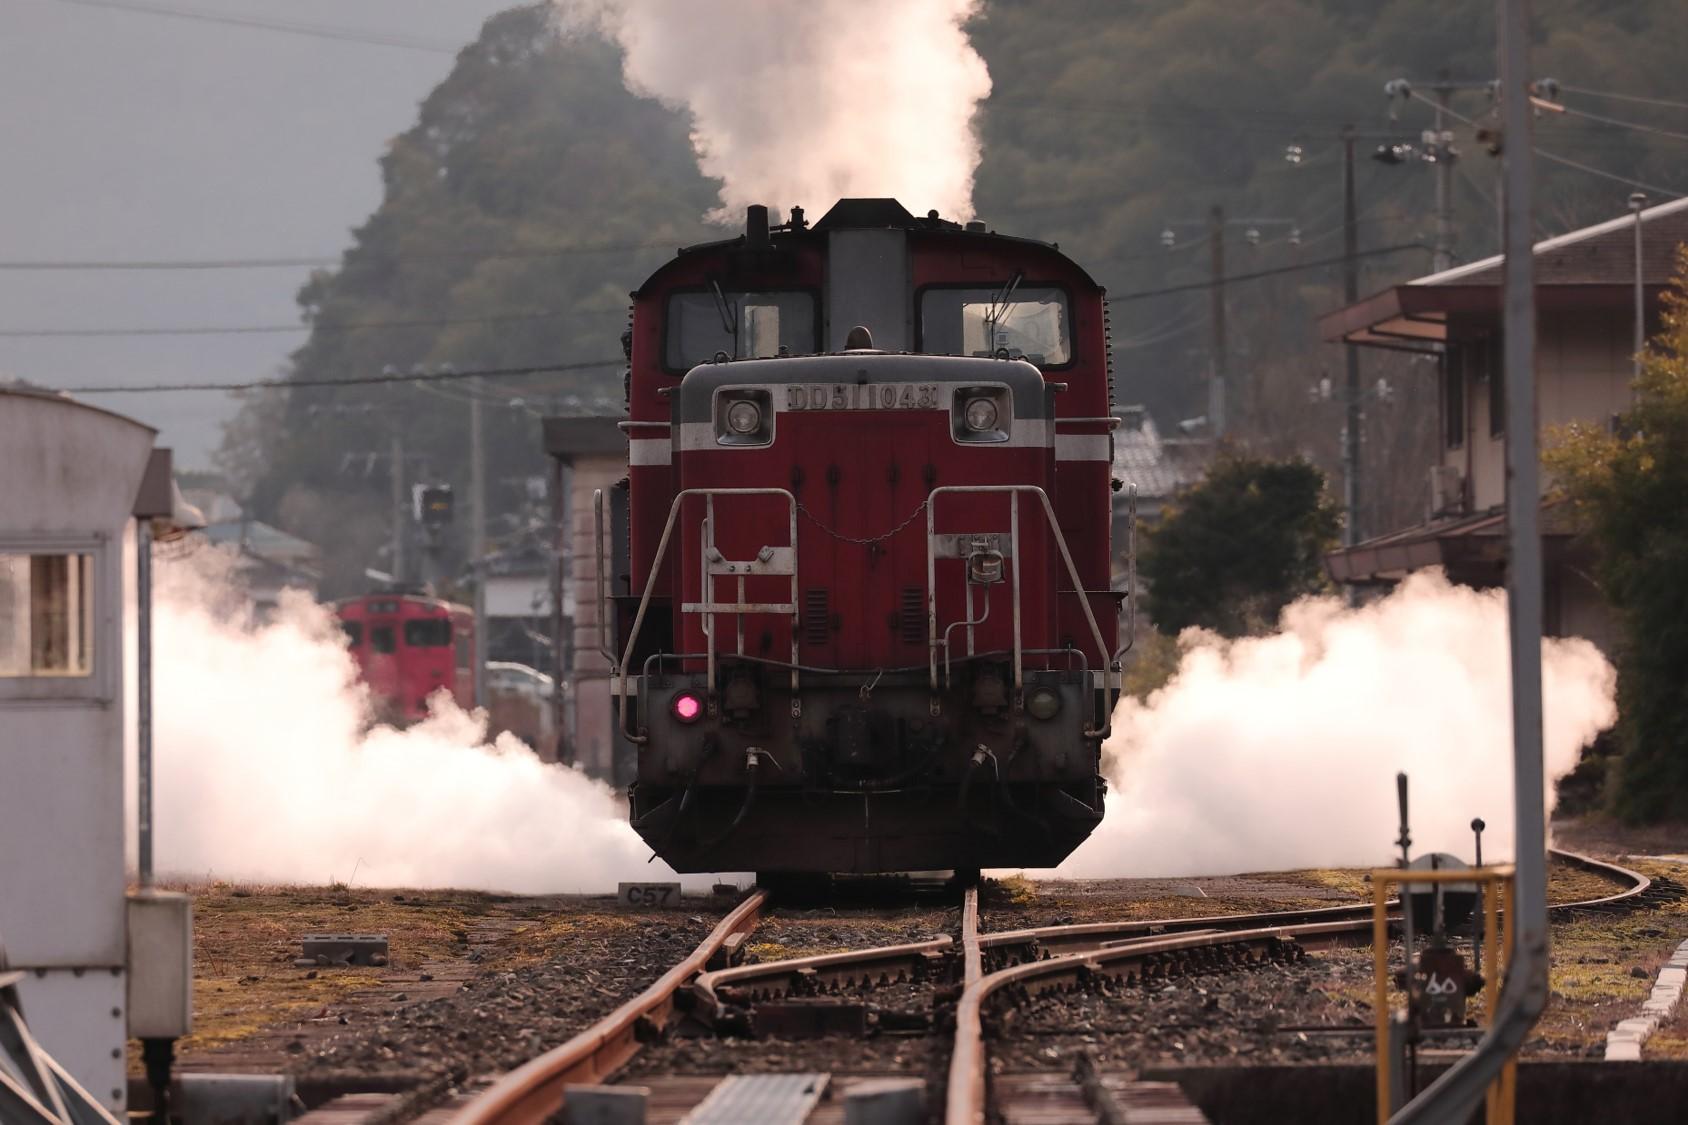 タムロン鉄道風景コンテスト 私の好きな鉄道風景ベストショット 2020